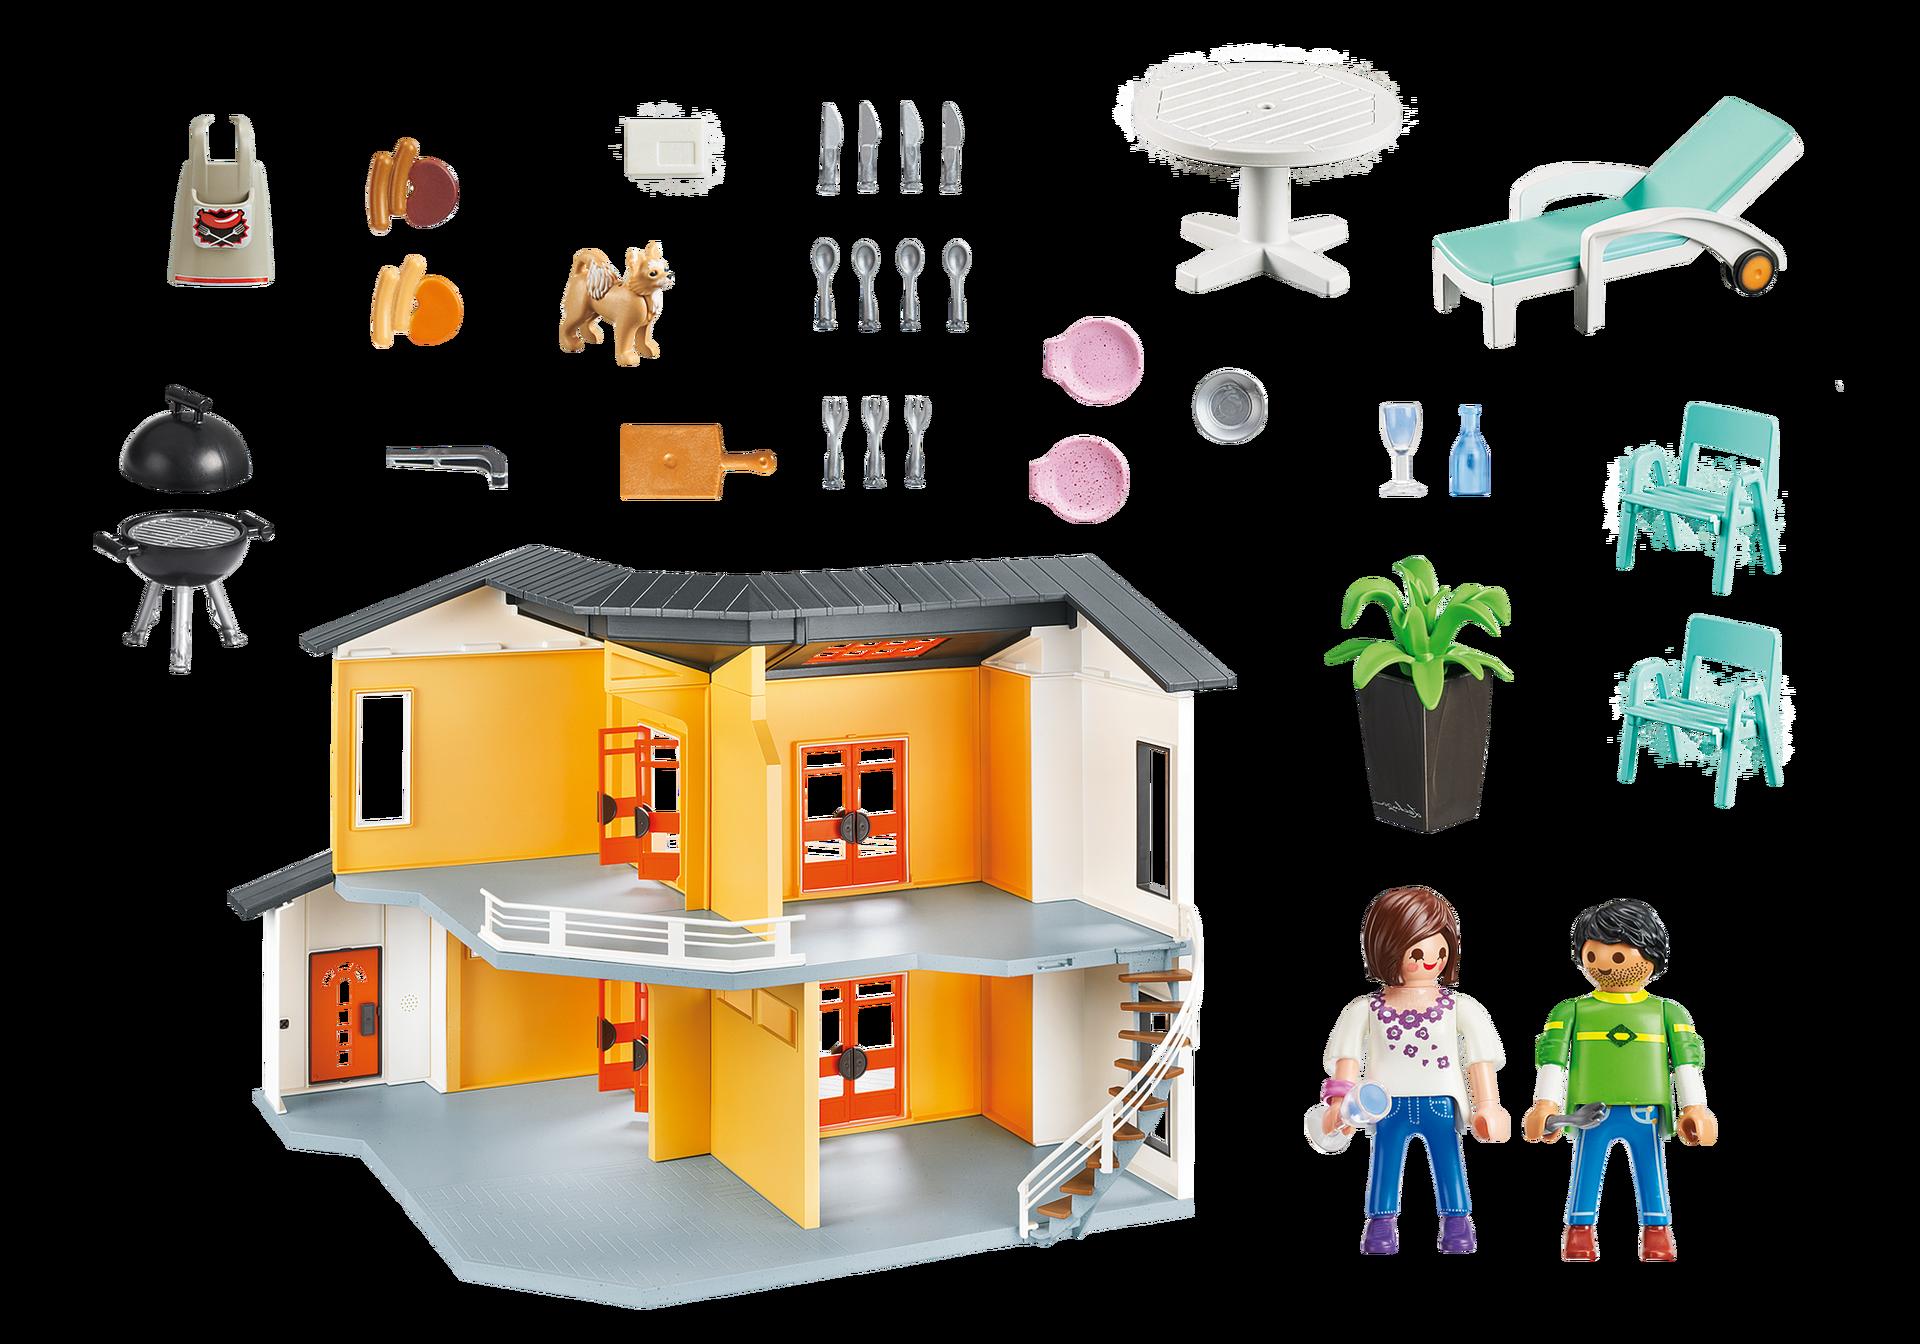 Maison moderne playmobil- la maison moderne 9266 est le modèle précédent de la maison moderne playmobil.